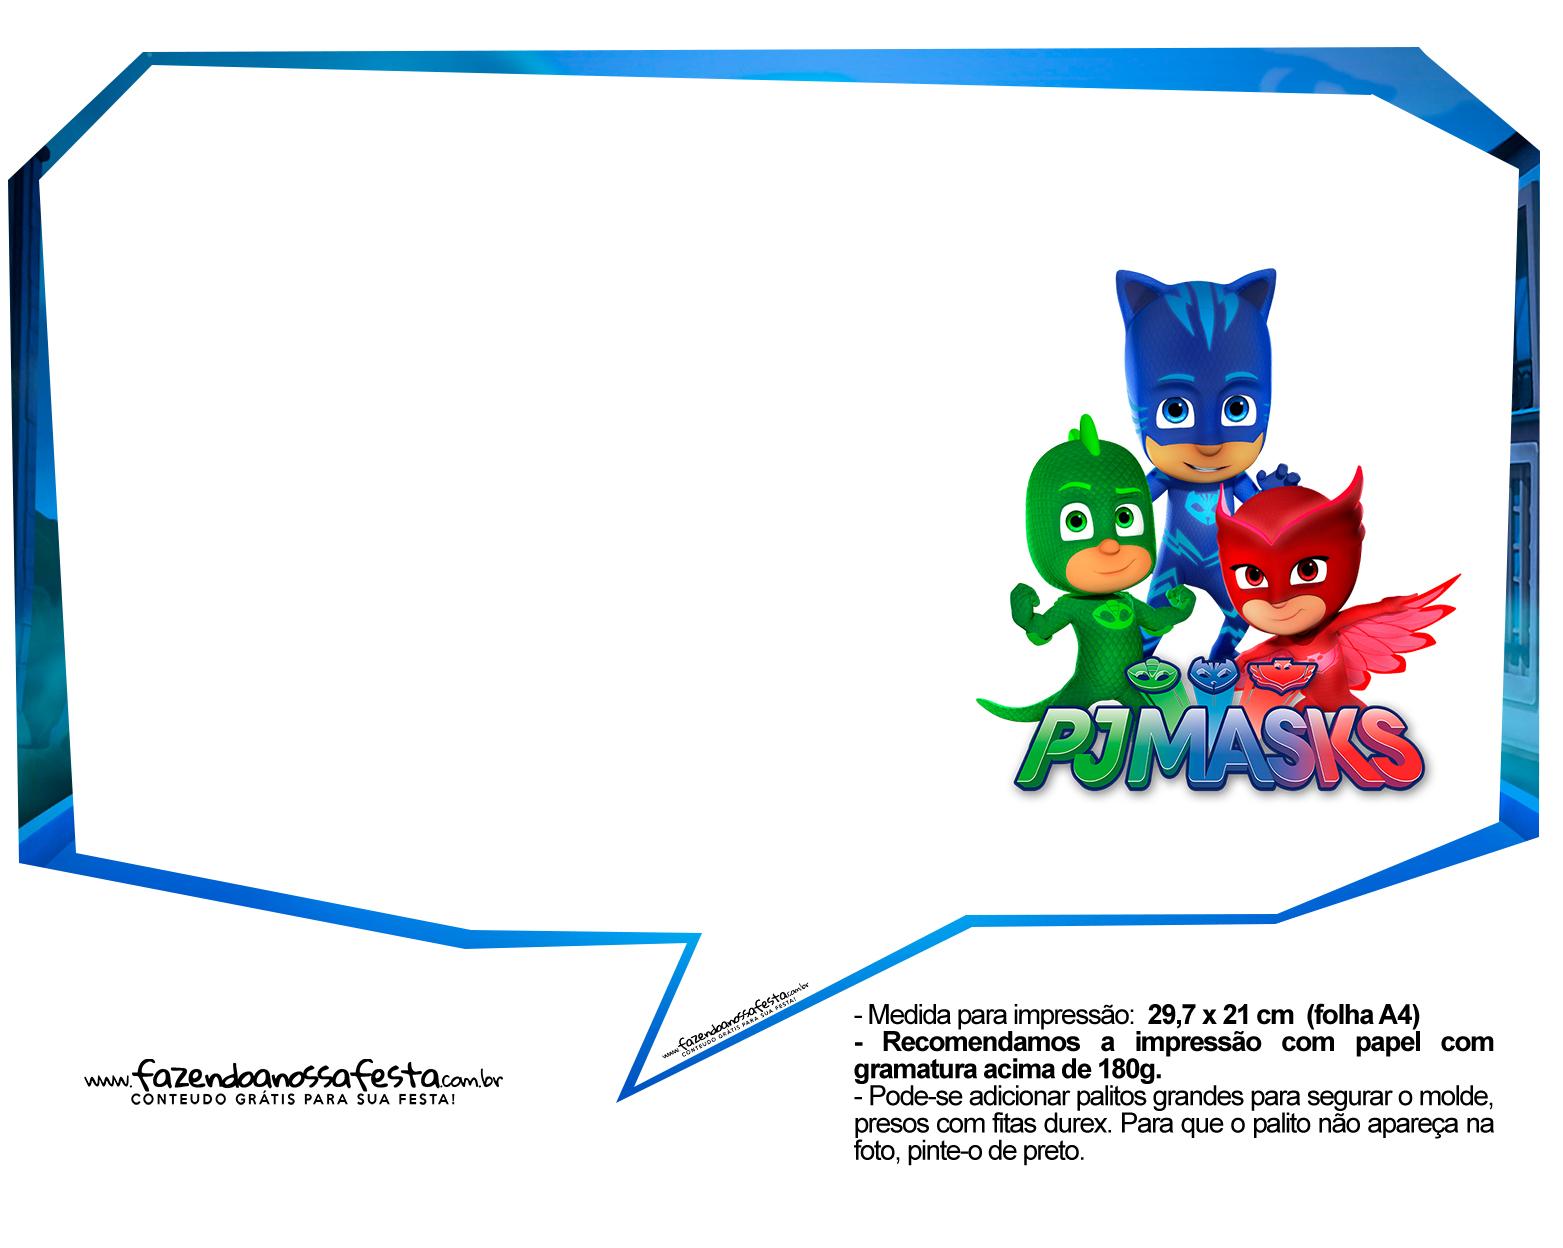 Plaquinhas Divertidas para festa PJ Masks 33